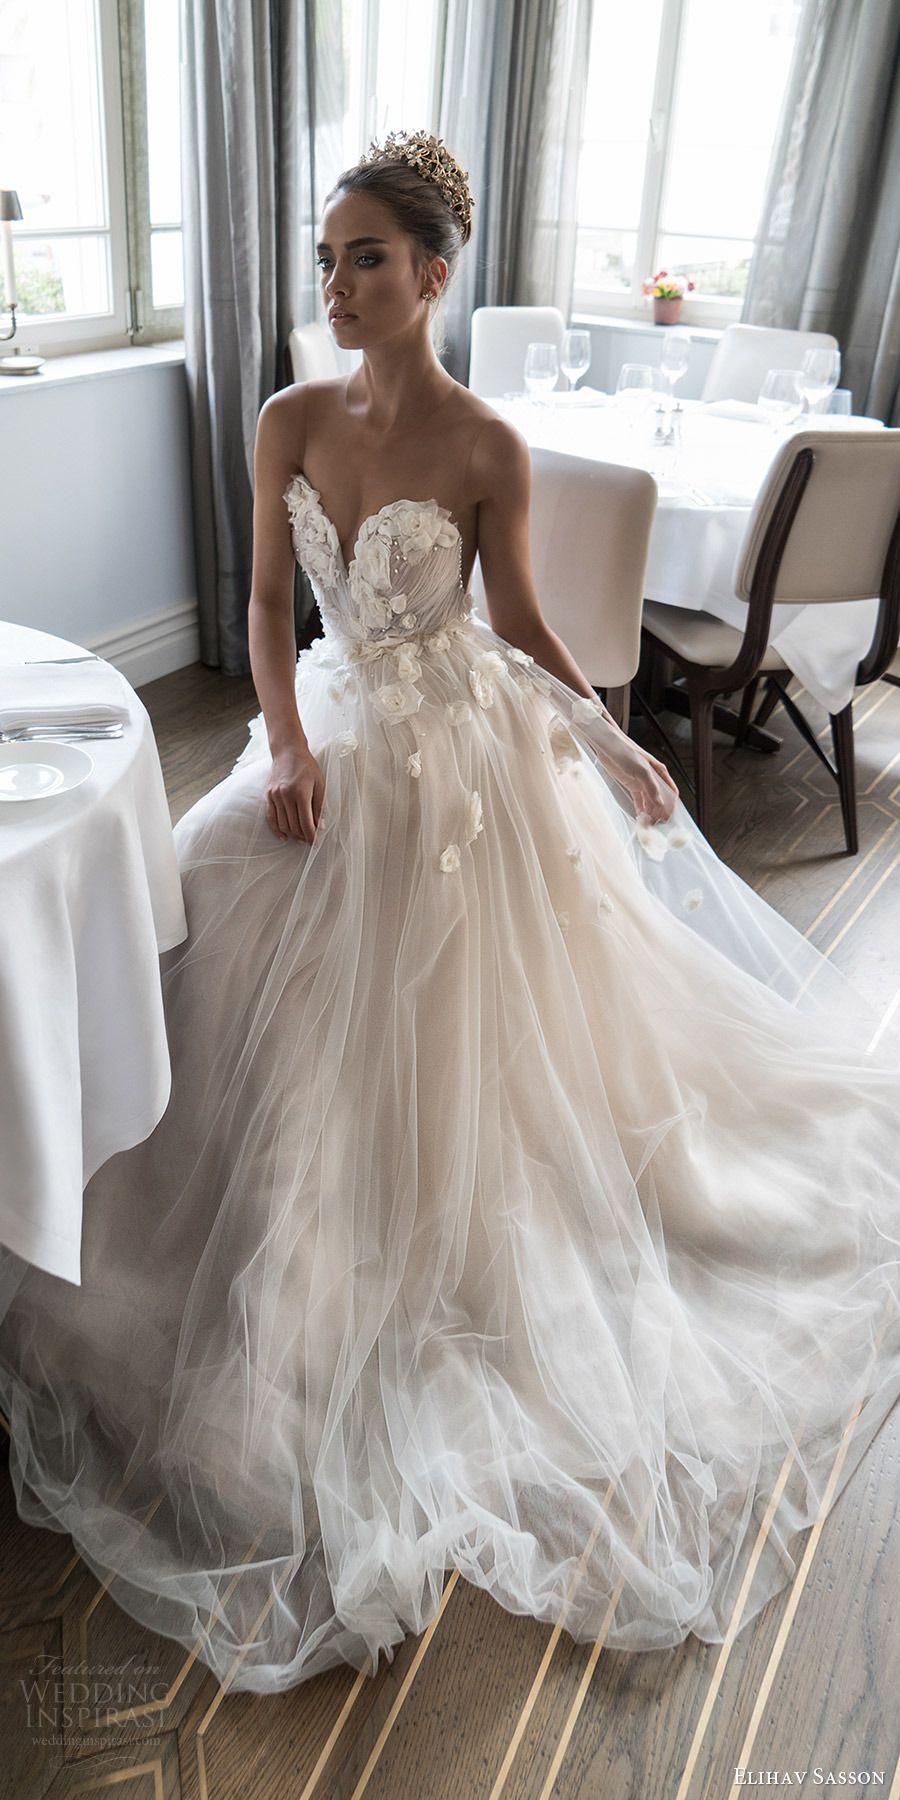 Wedding dresses for short women  Elihav Sasson  Wedding Dresses  marry me  Pinterest  Wedding